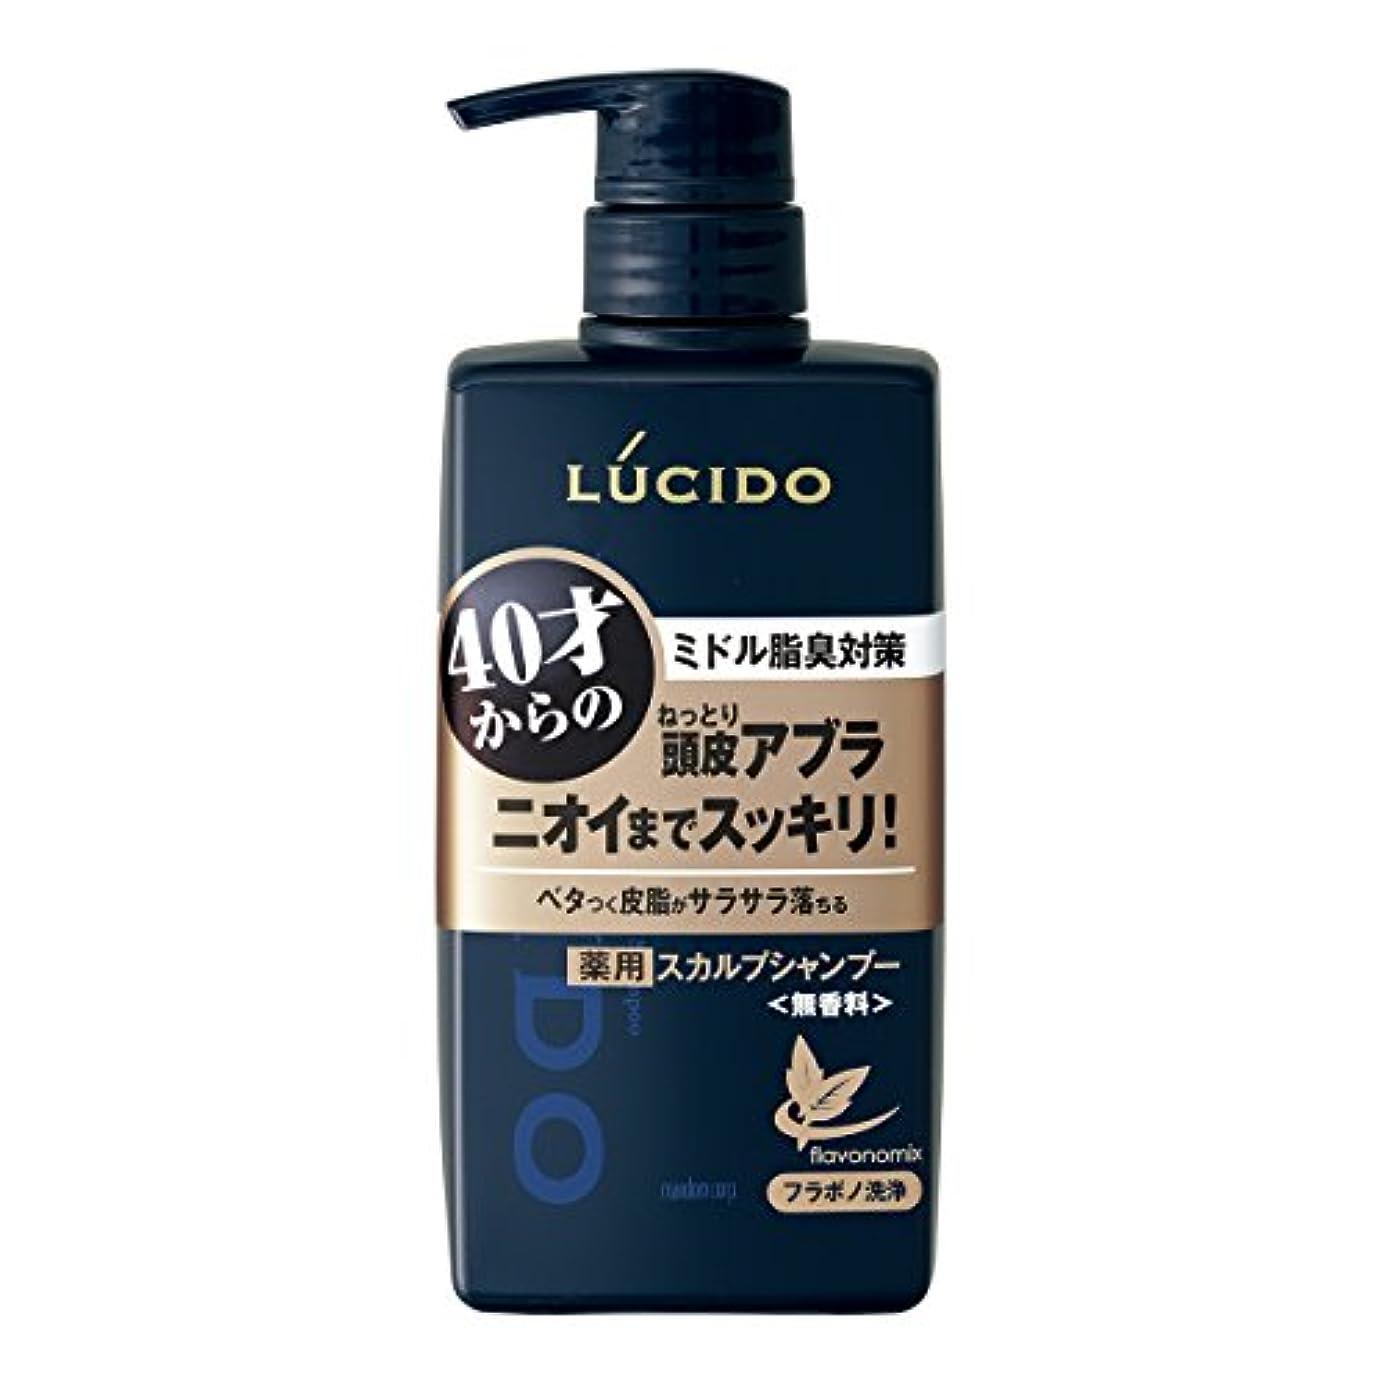 壁紙くスロープルシード 薬用スカルプデオシャンプー 450mL (医薬部外品)